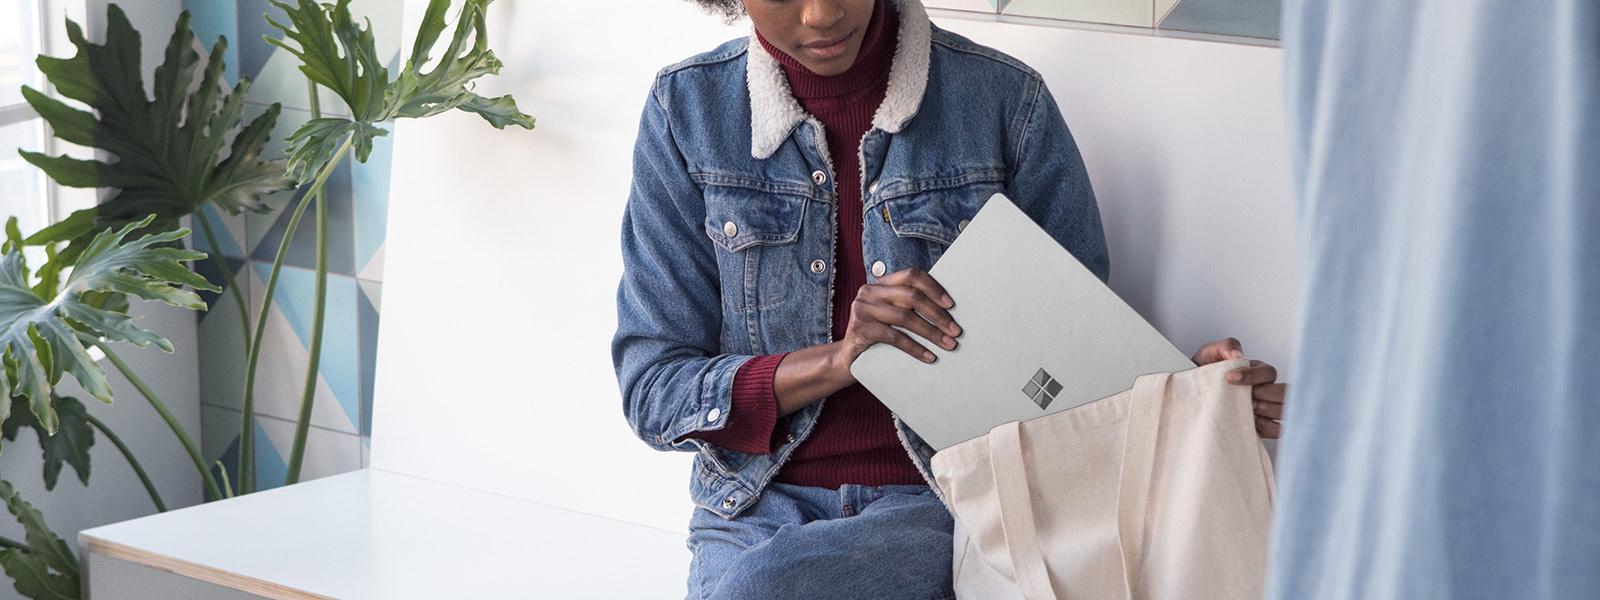 Immagine di una studentessa che inserisce Surface L nella borsa.